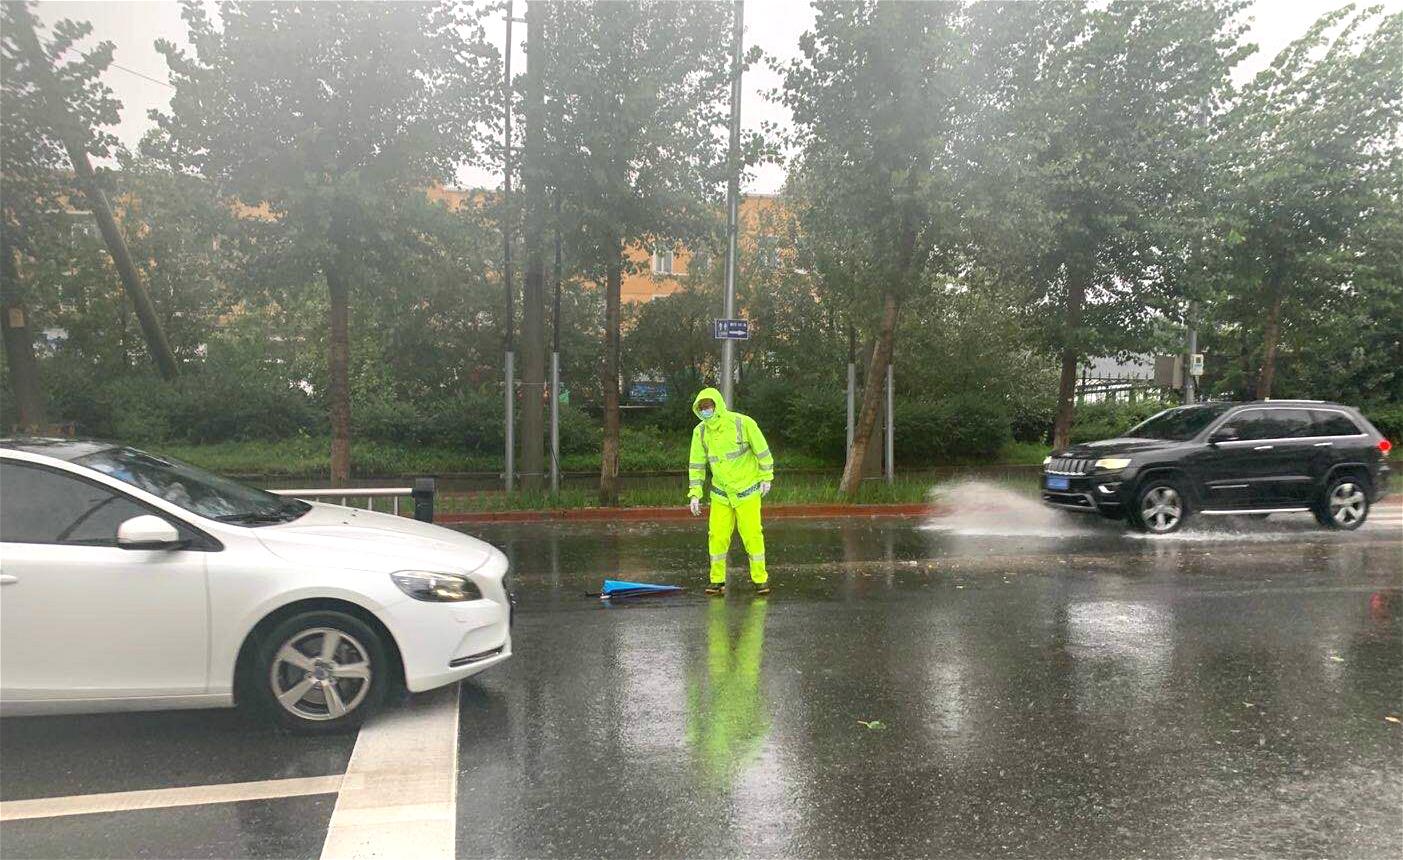 大雨滂沱,交警雨中执勤,过往车辆为交警送伞